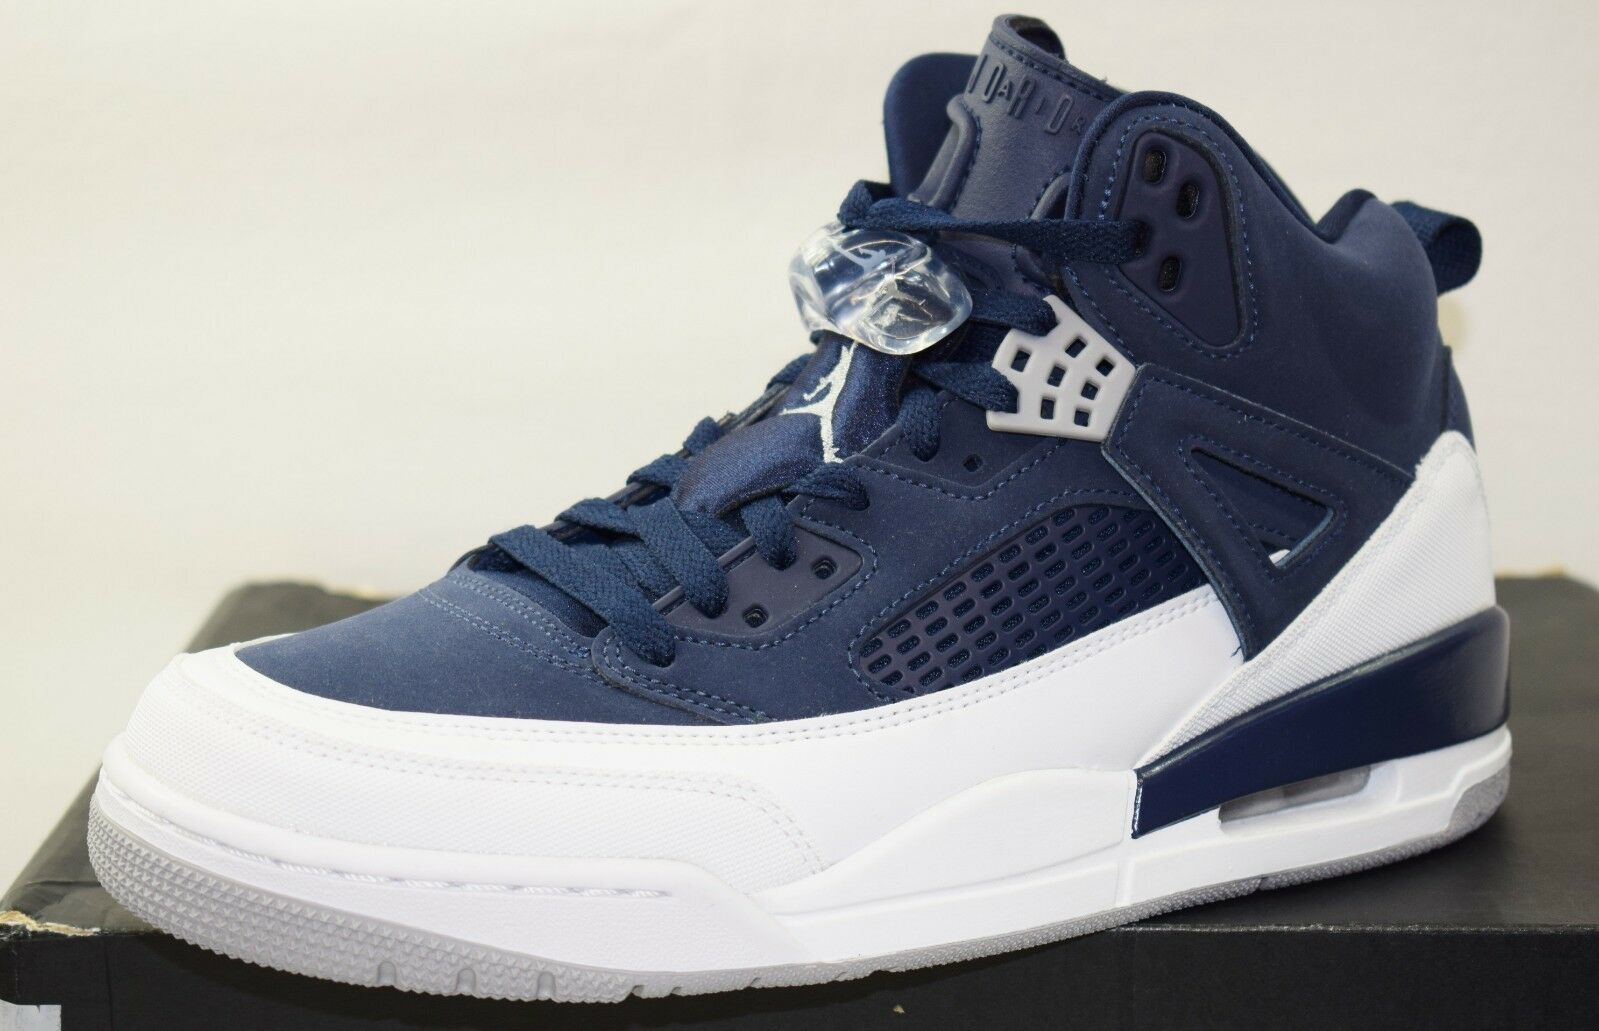 Zapatillas Jordan Spizike para hombres nuevo tamaño de Reino Unido 8.5 (FG14)